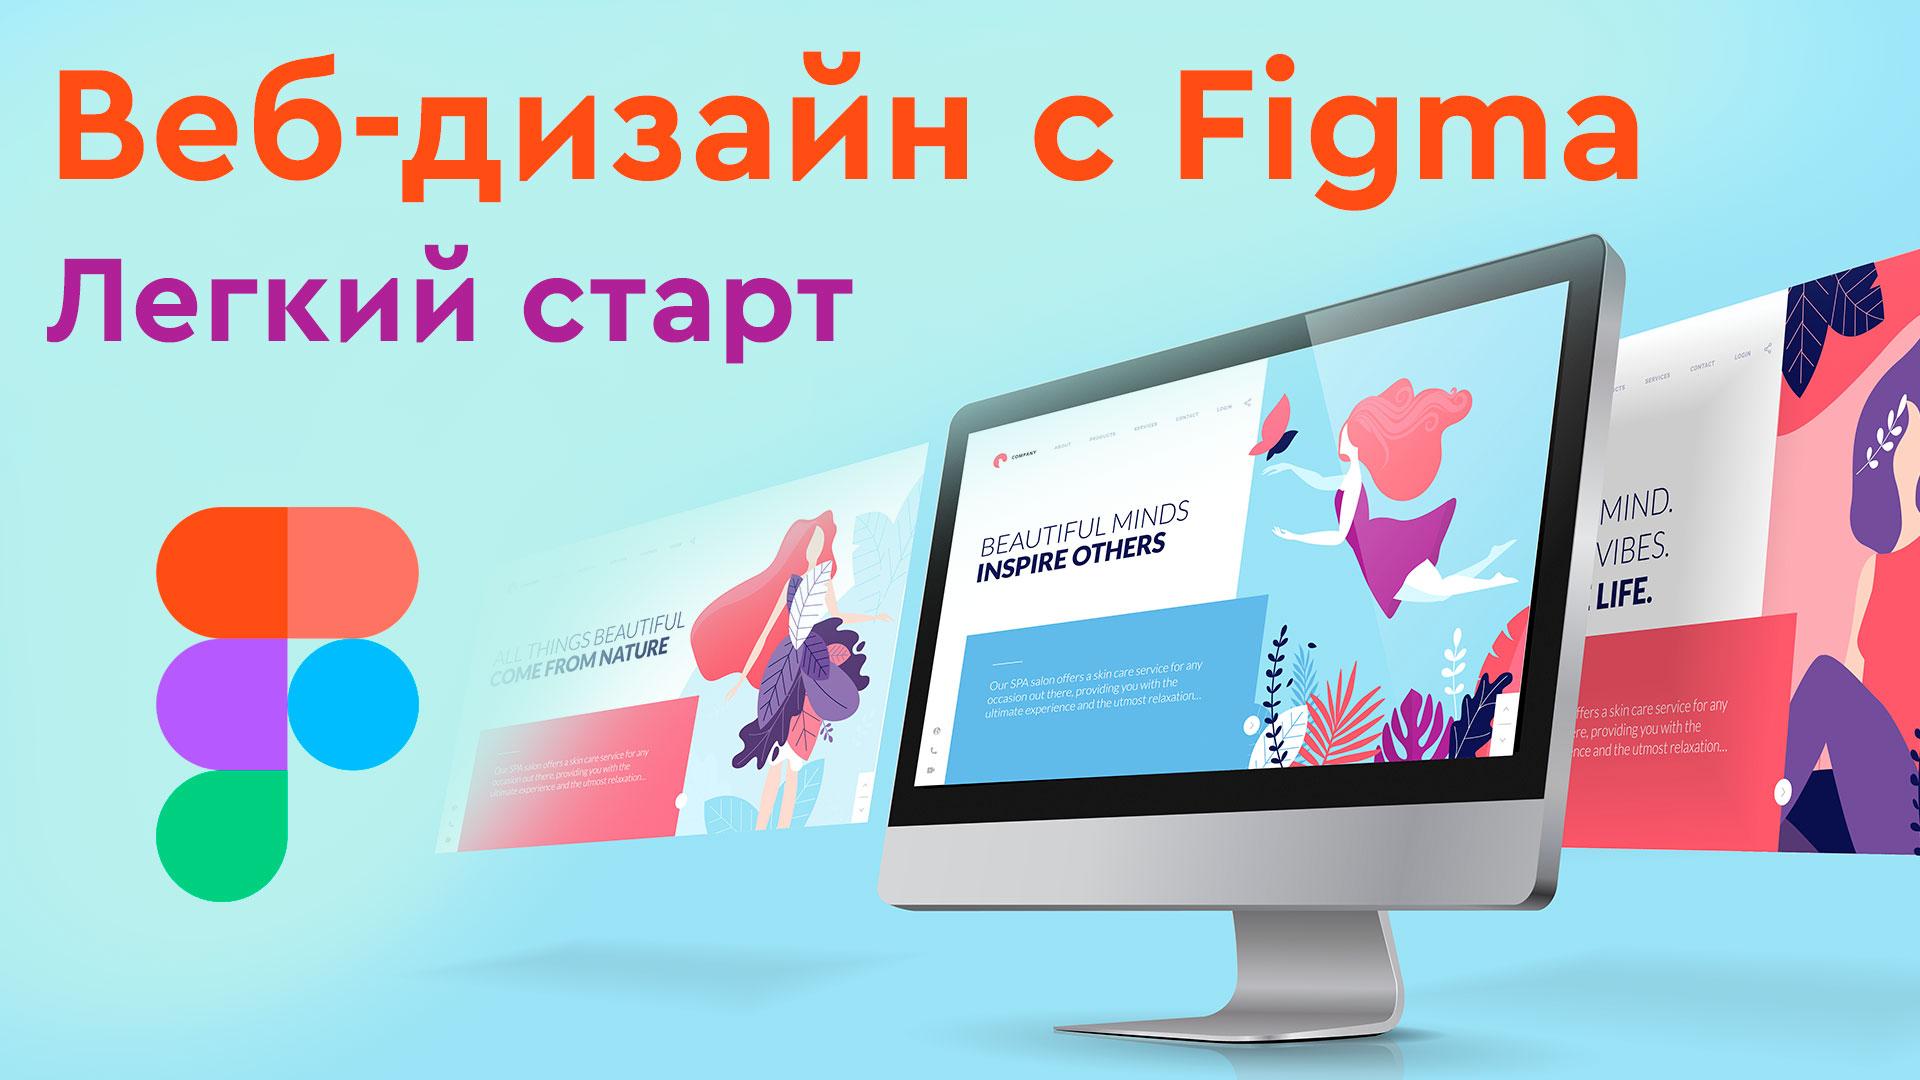 Веб-дизайн с Figma. Легкий старт